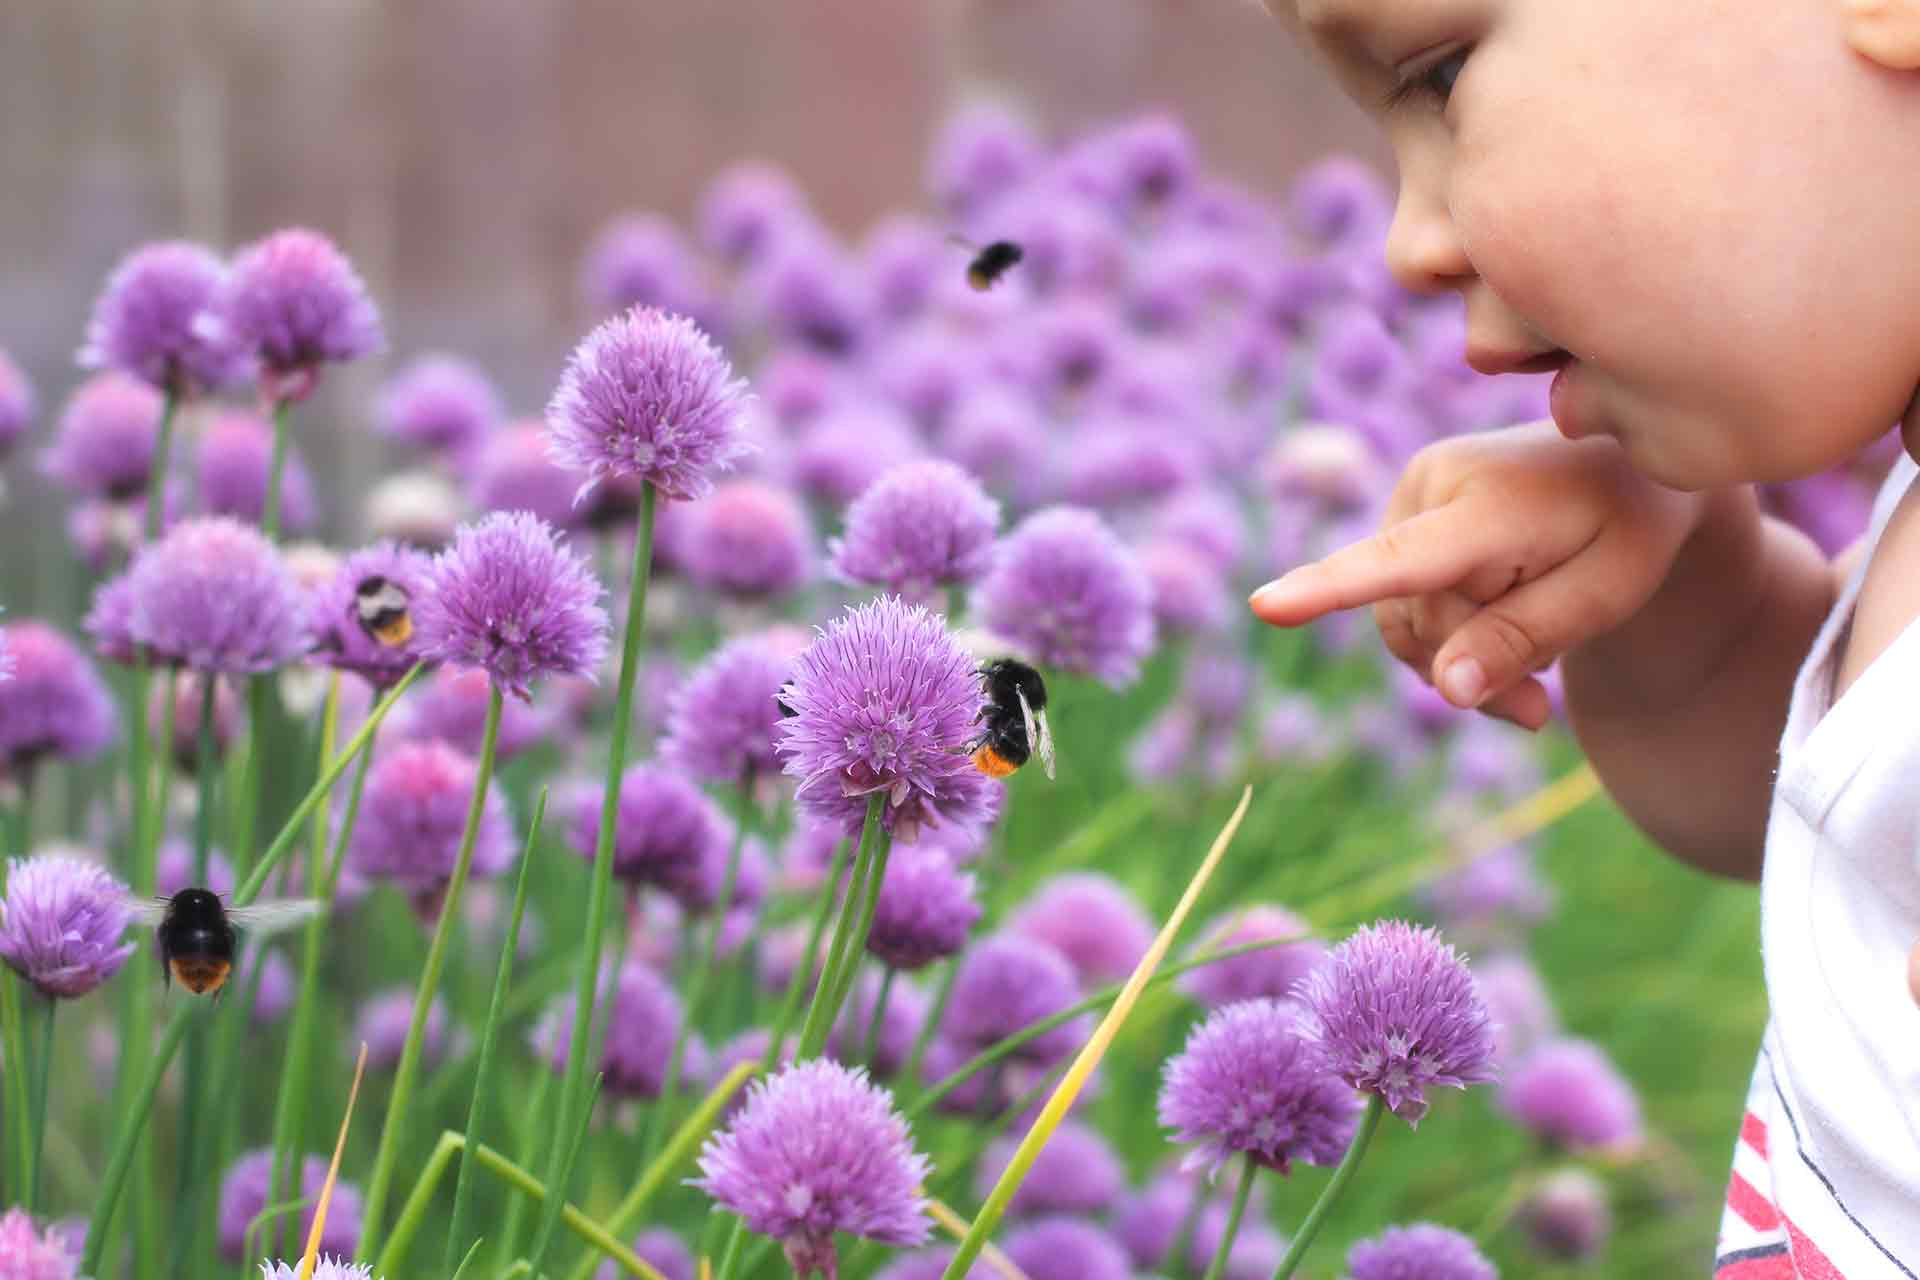 Creating-a-sensory-garden